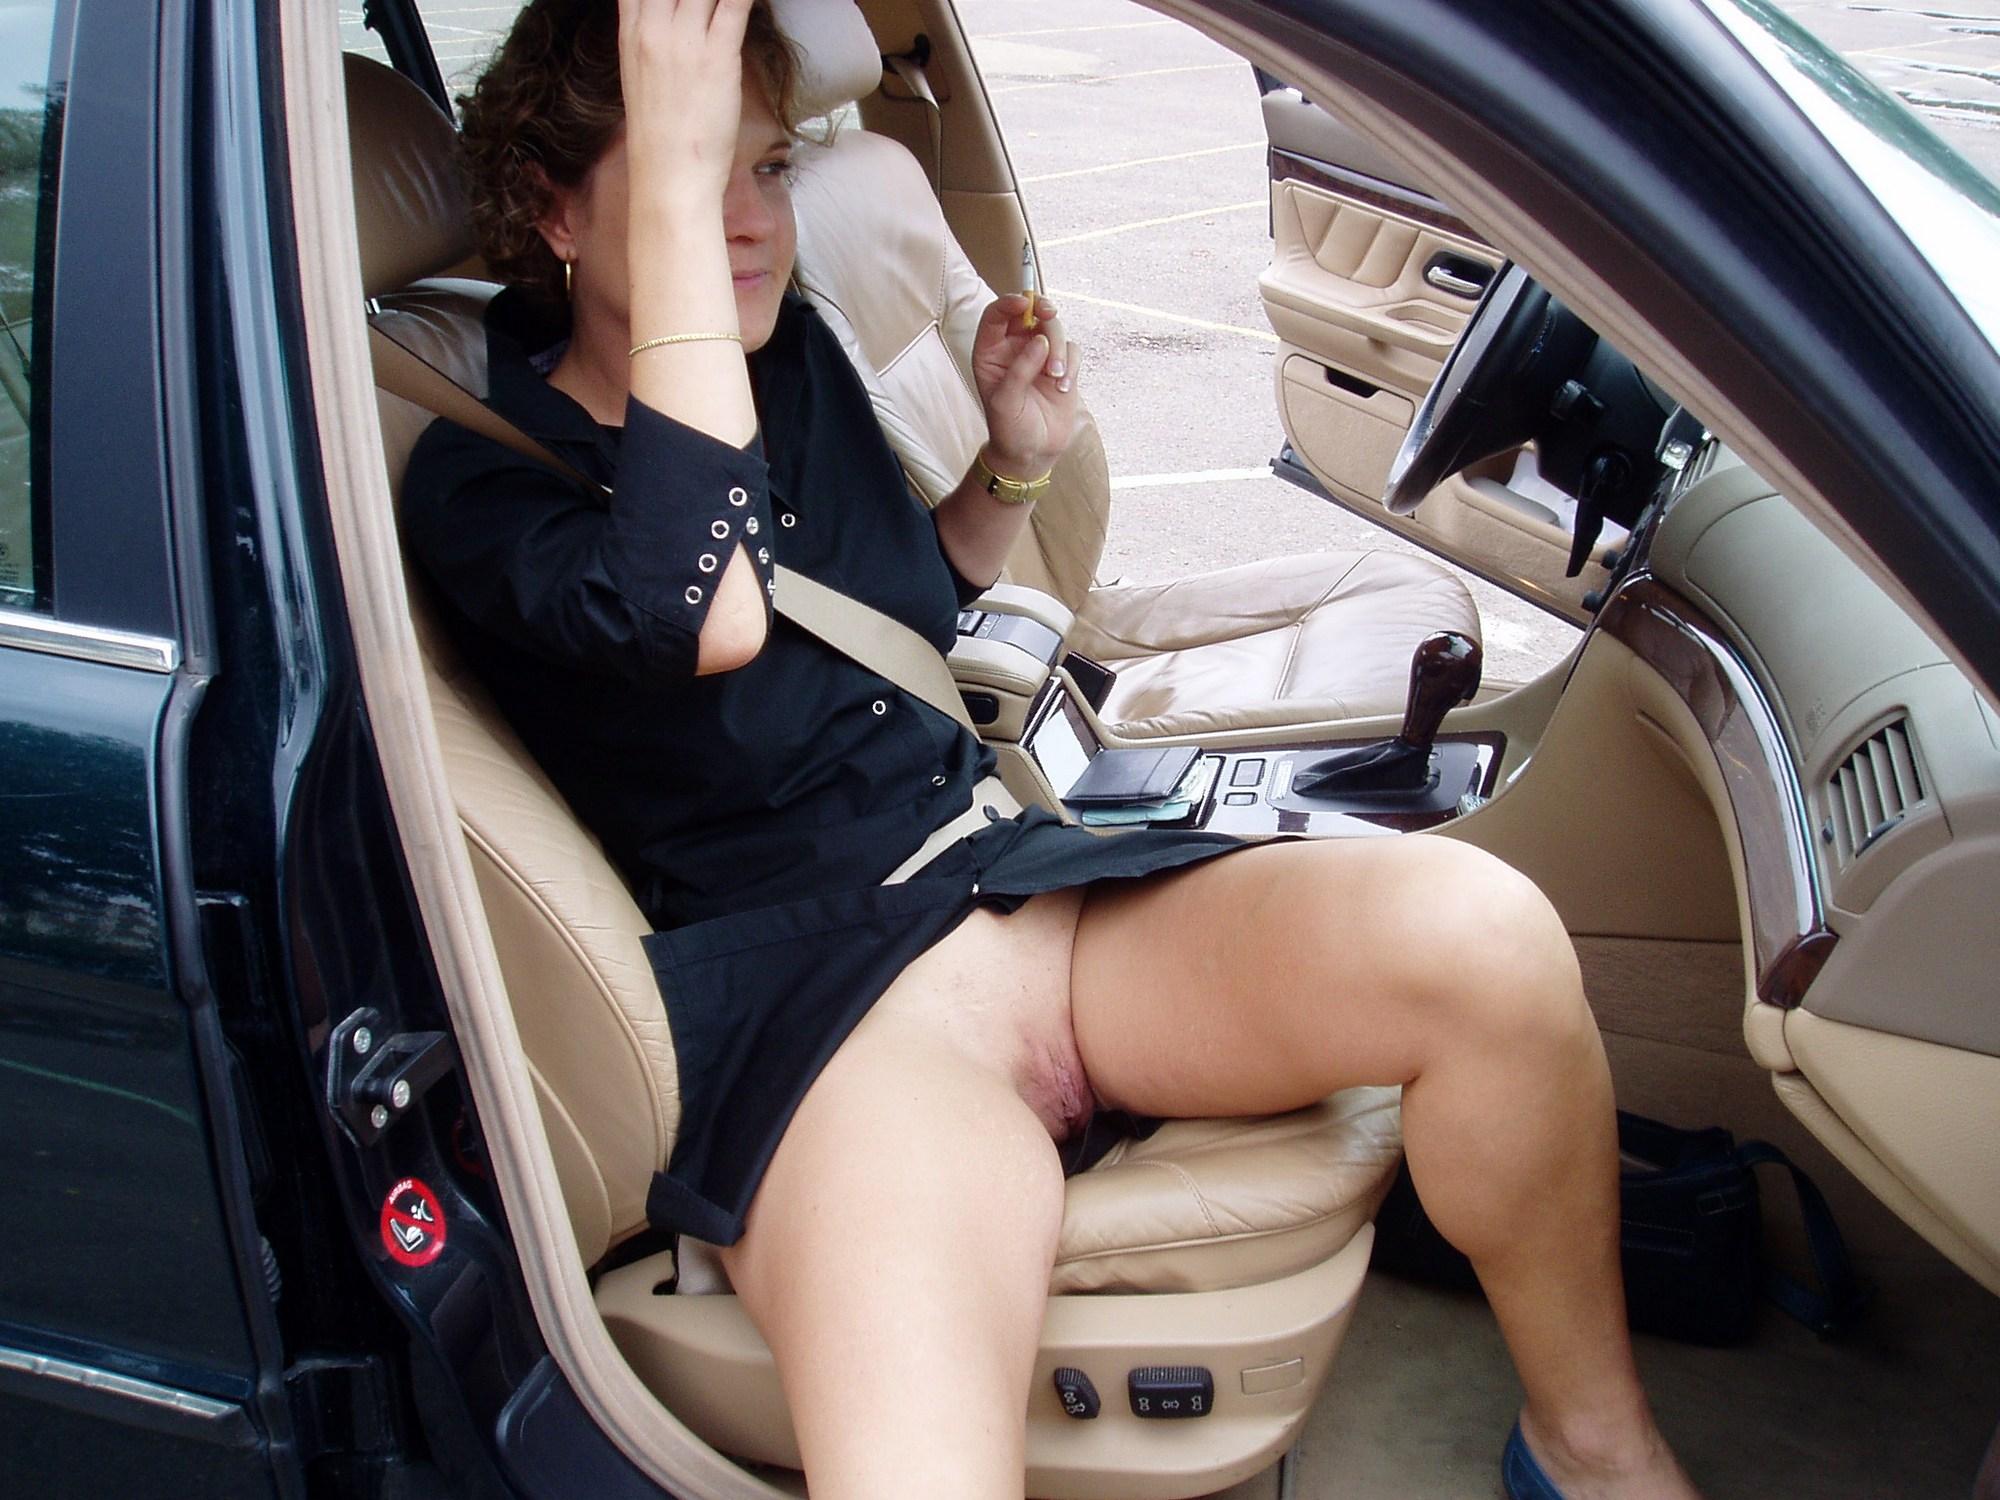 На столе женщина в чулках трахает себя огурцом